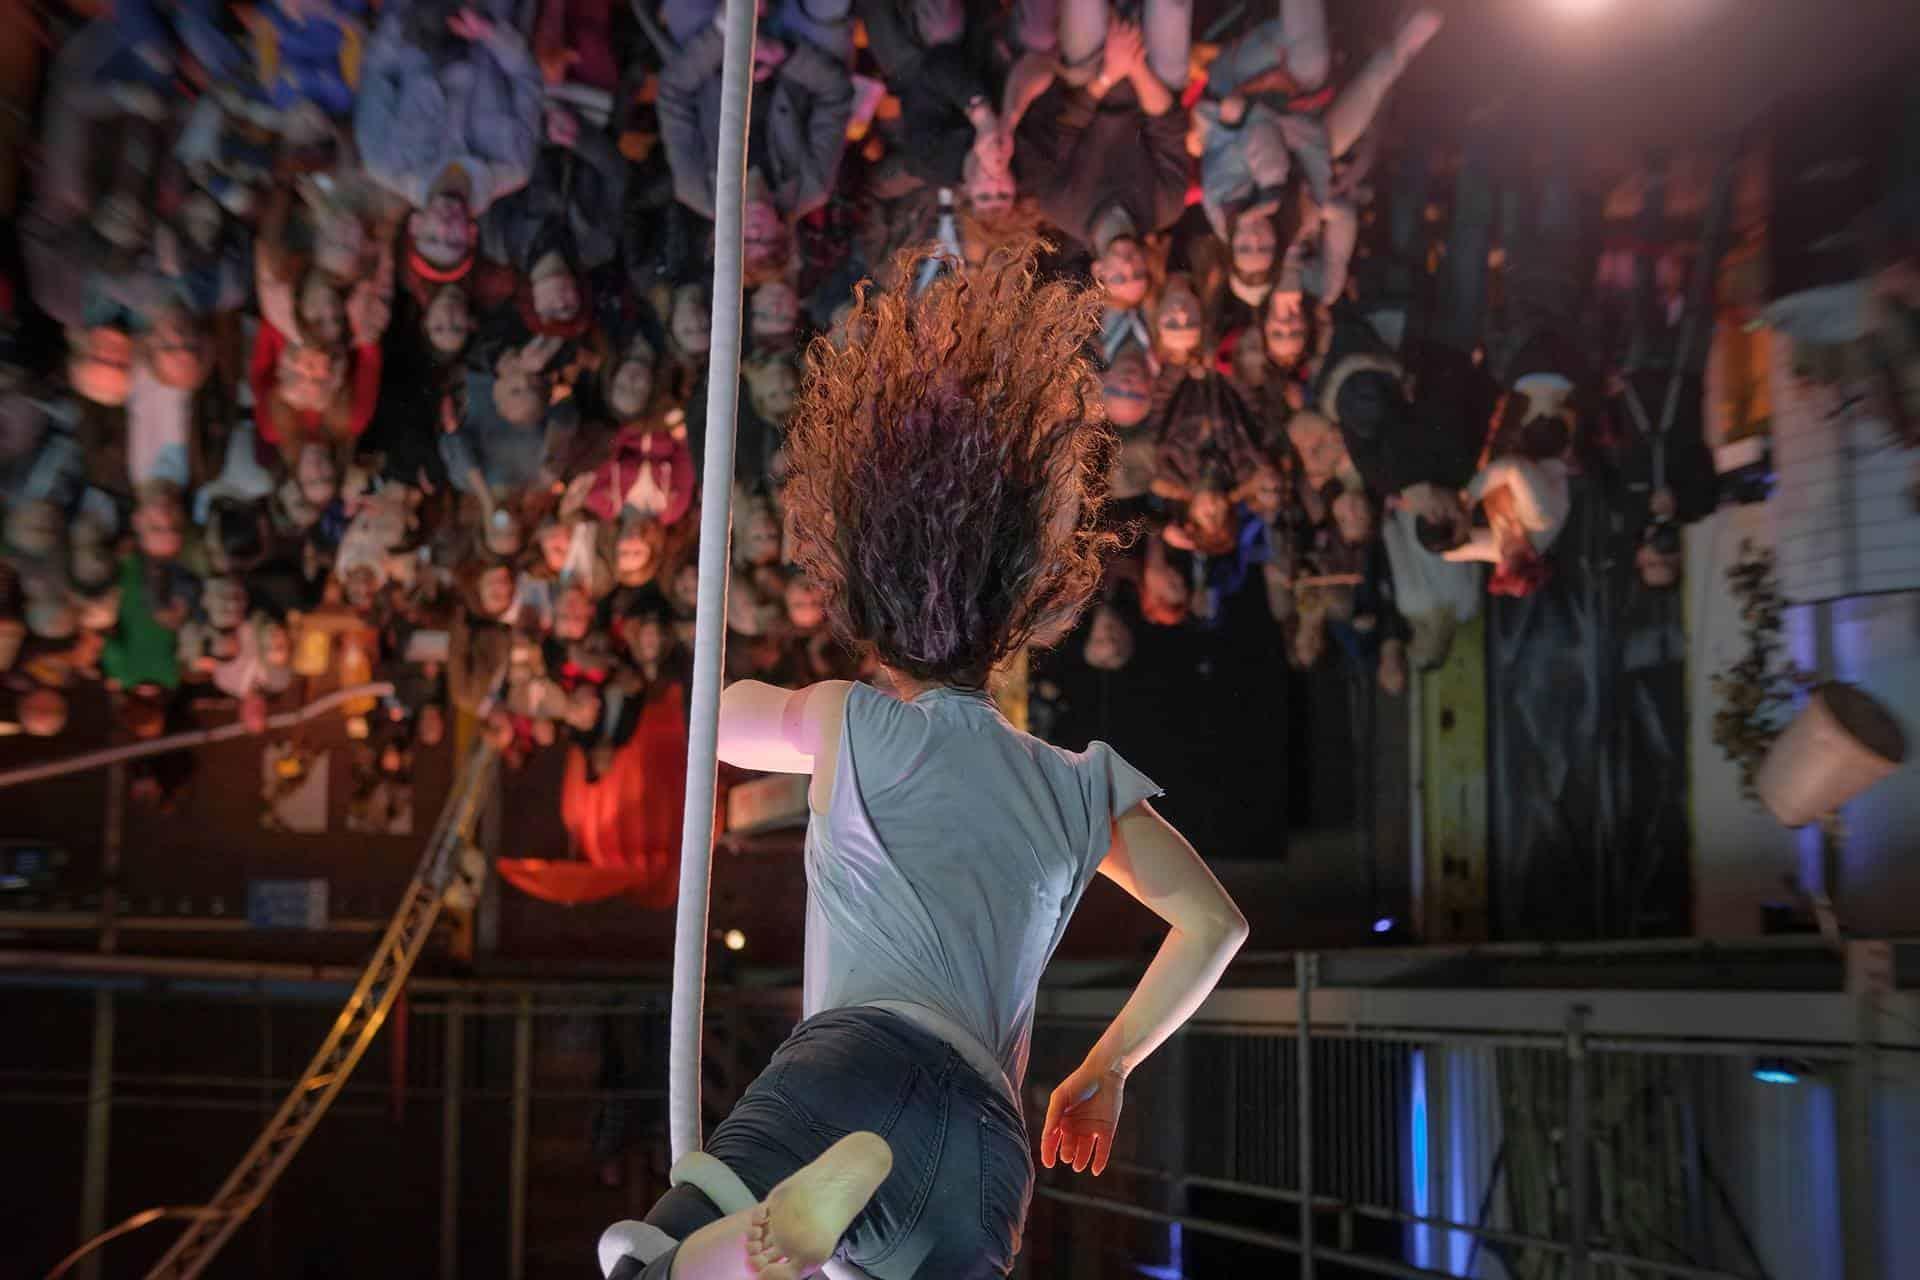 paaldansen - act - straatartiest